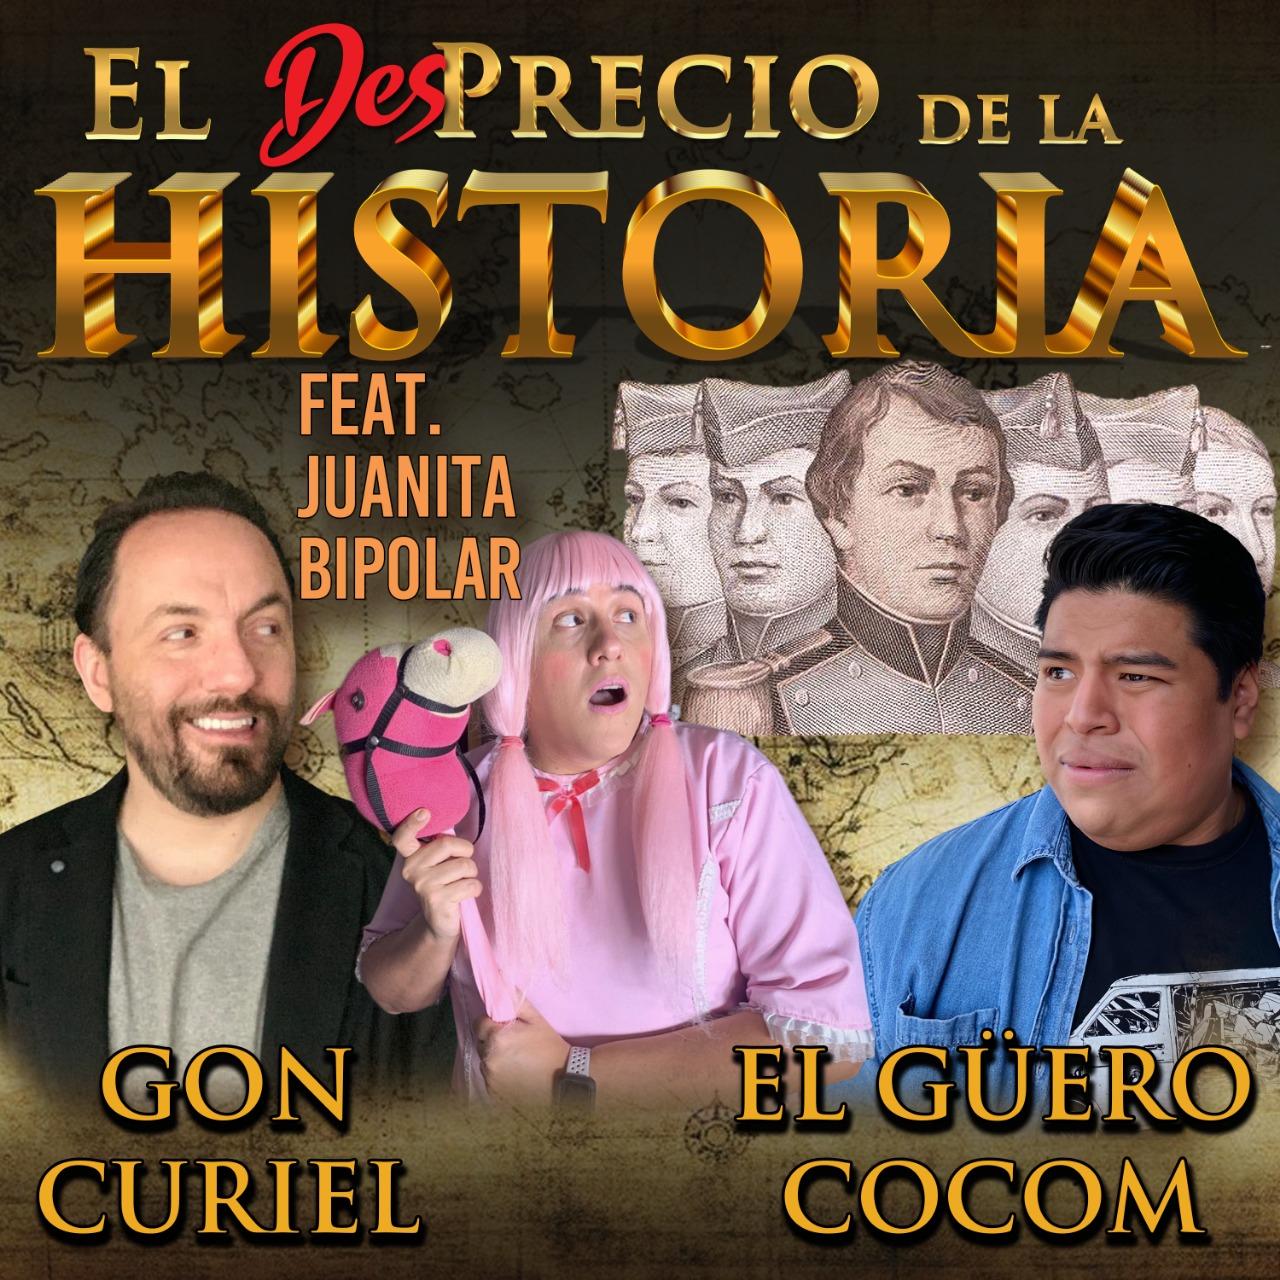 18 - Los Niños Héroes hicieron casting ft. Juanita Bipolar